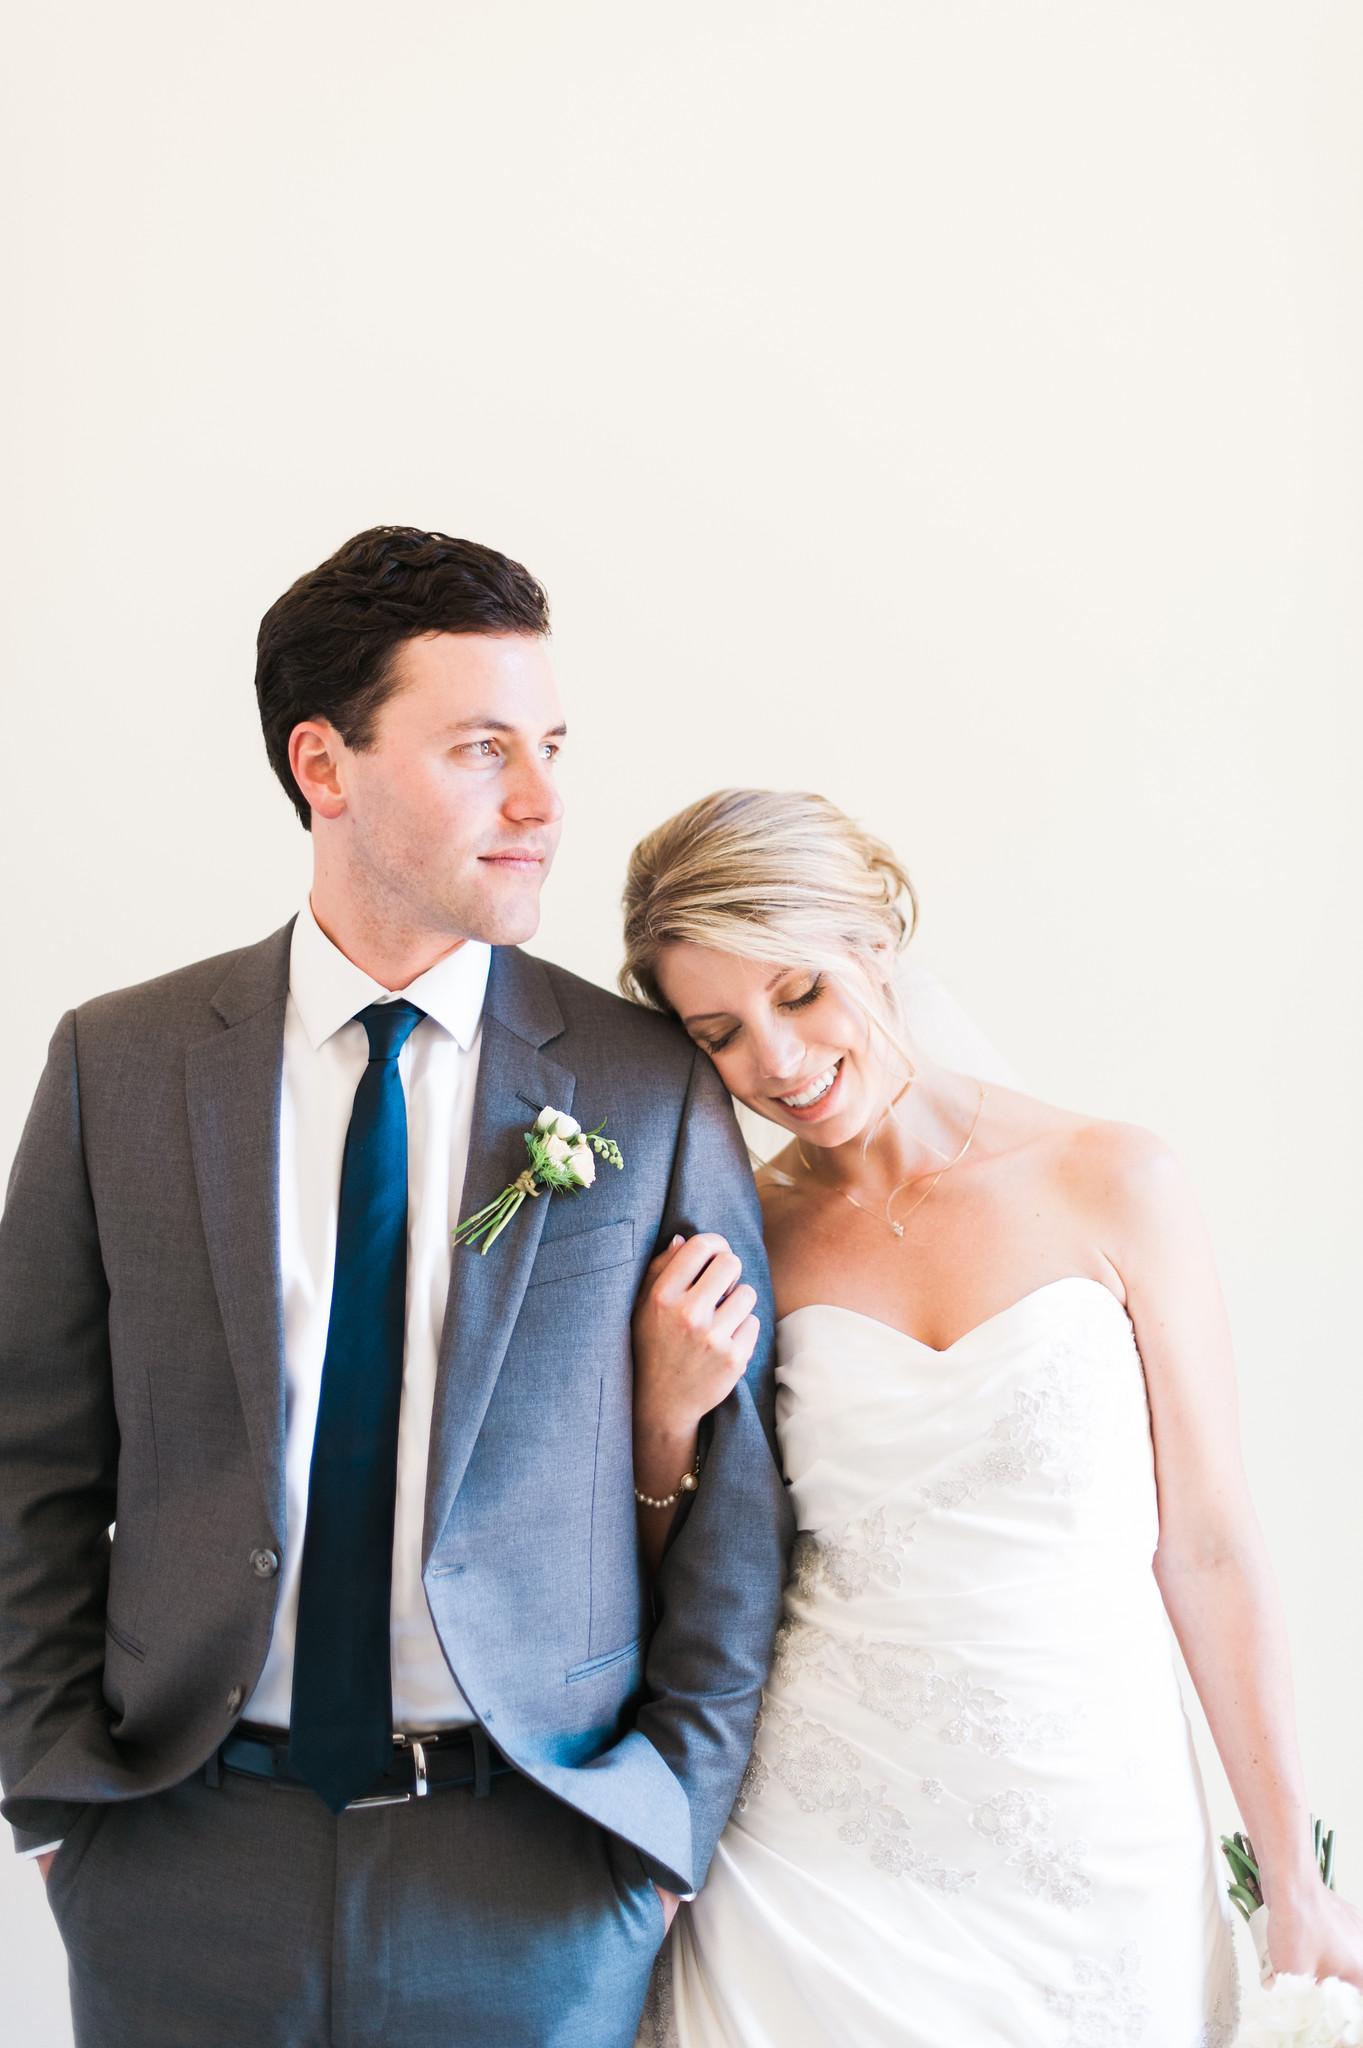 ernst-wedding-283-X4.jpg